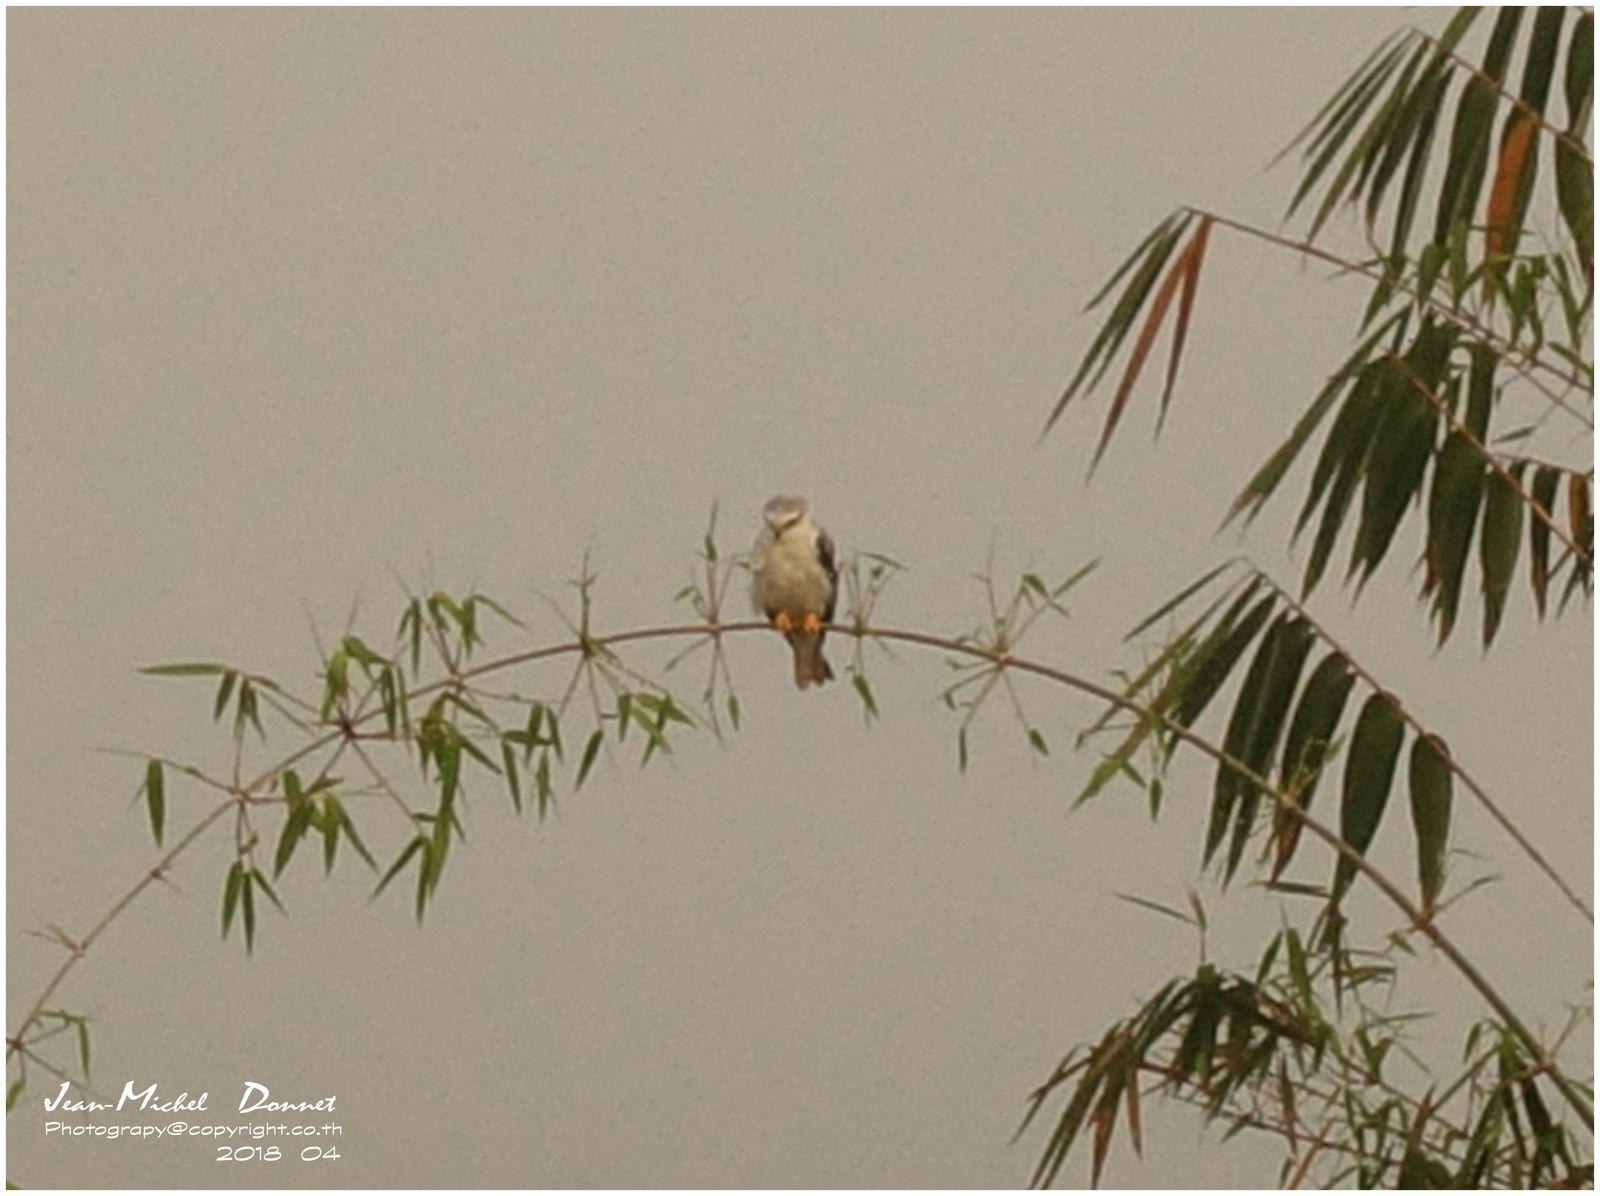 Un jeune rapace s'est perché sur un bambou.